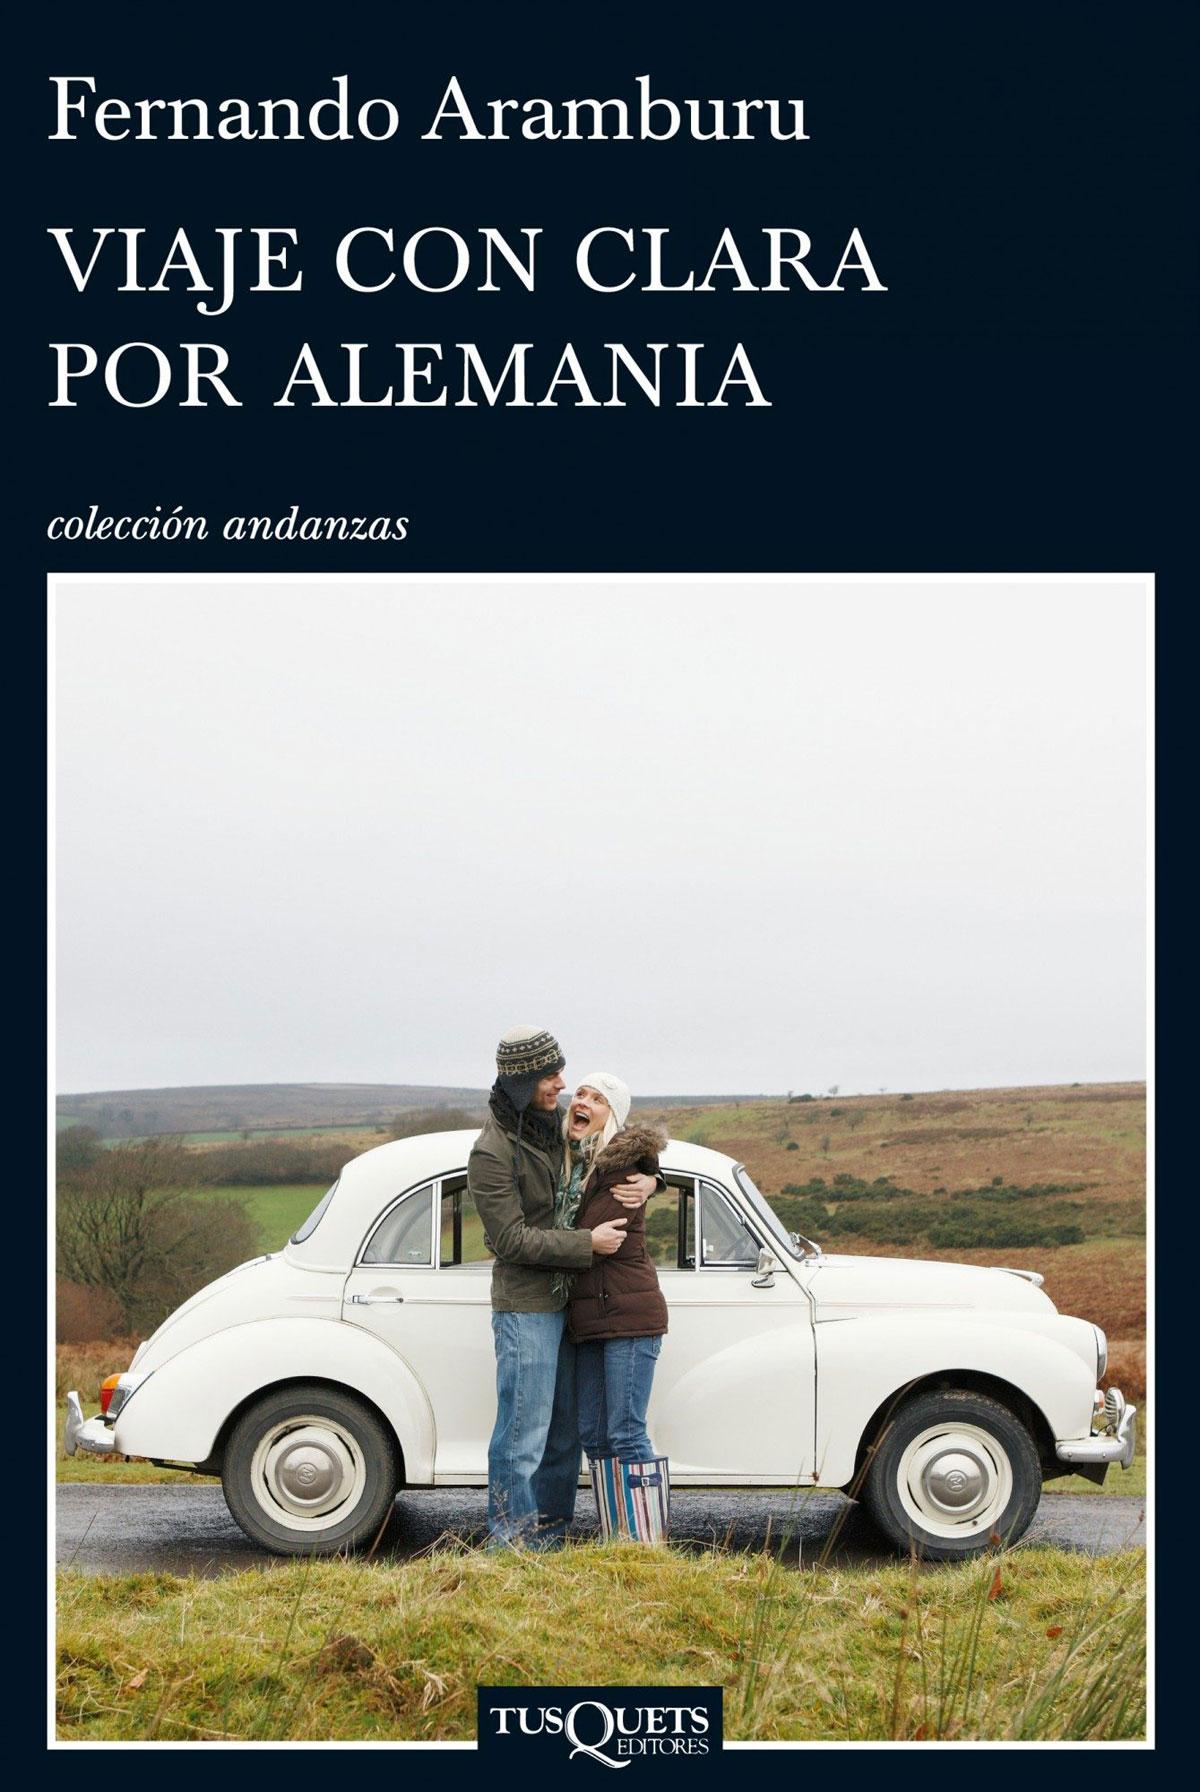 Portada de la novela Viaje con Clara por Alemania, de Fernando Aramburu